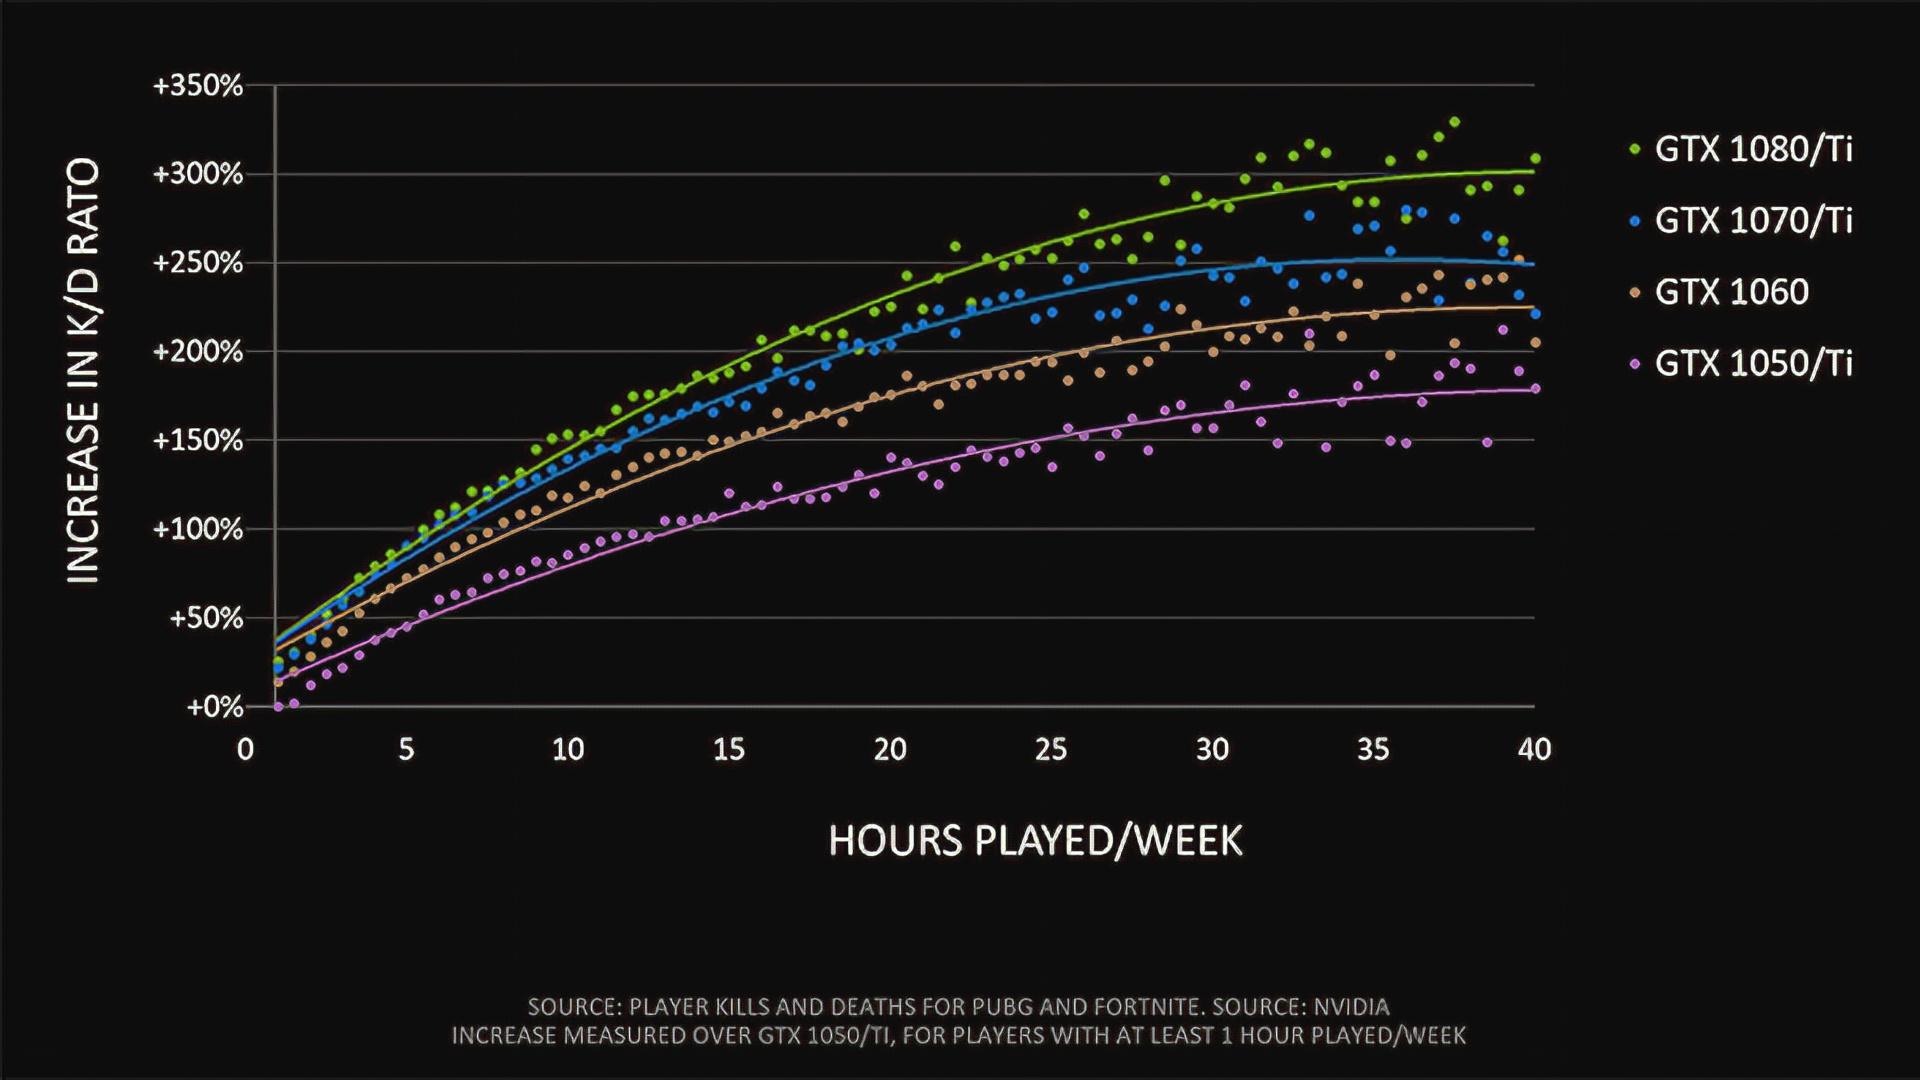 »Frames gewinnen Spiele« - Nvidia verspricht Vorteil durch mehr fps